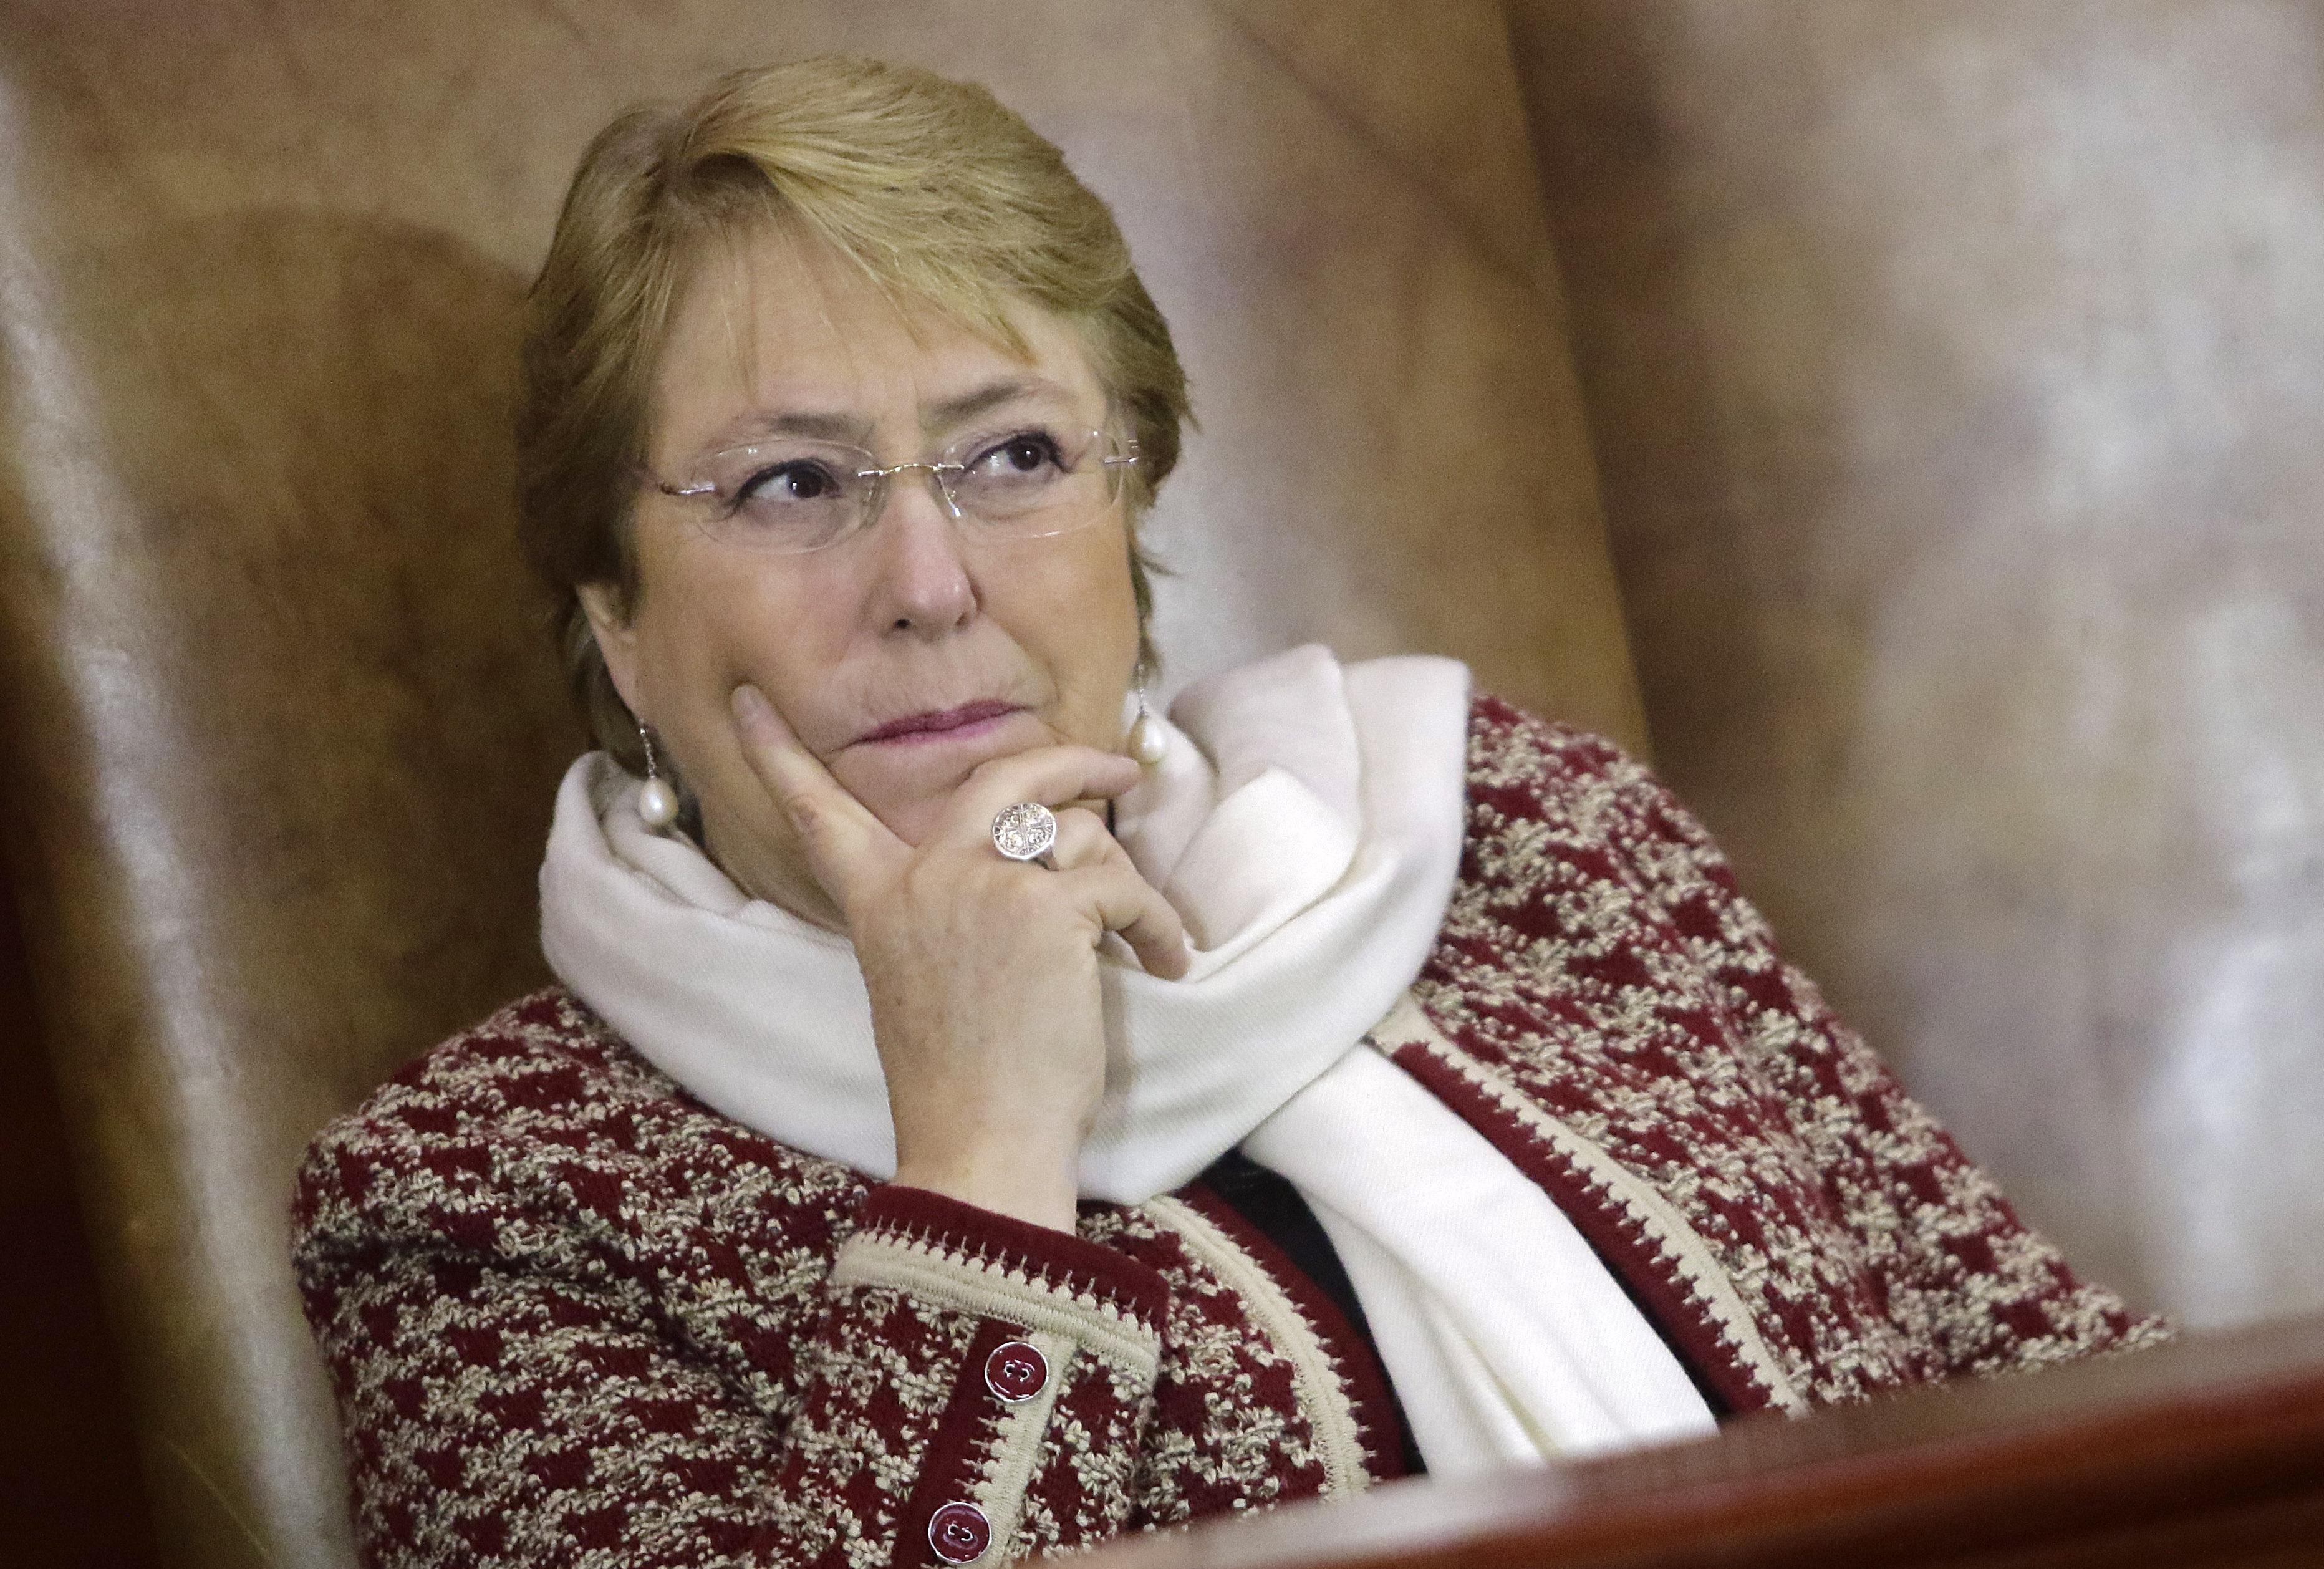 Adimark: Bachelet obtiene mayor aprobación en 30 meses y Piñera mantiene ventaja